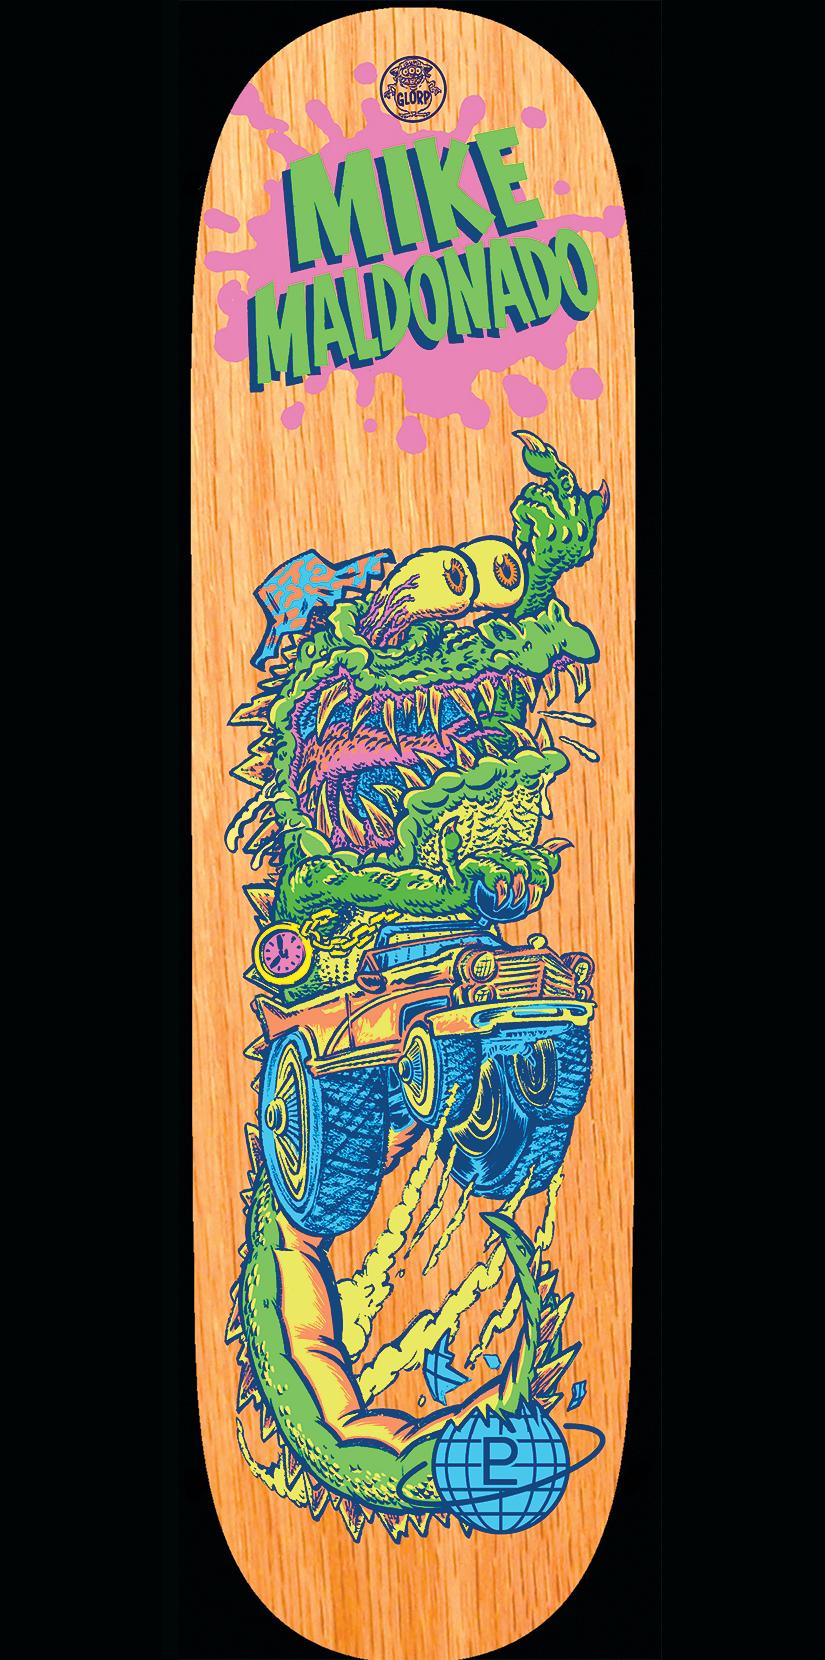 maldonado-board